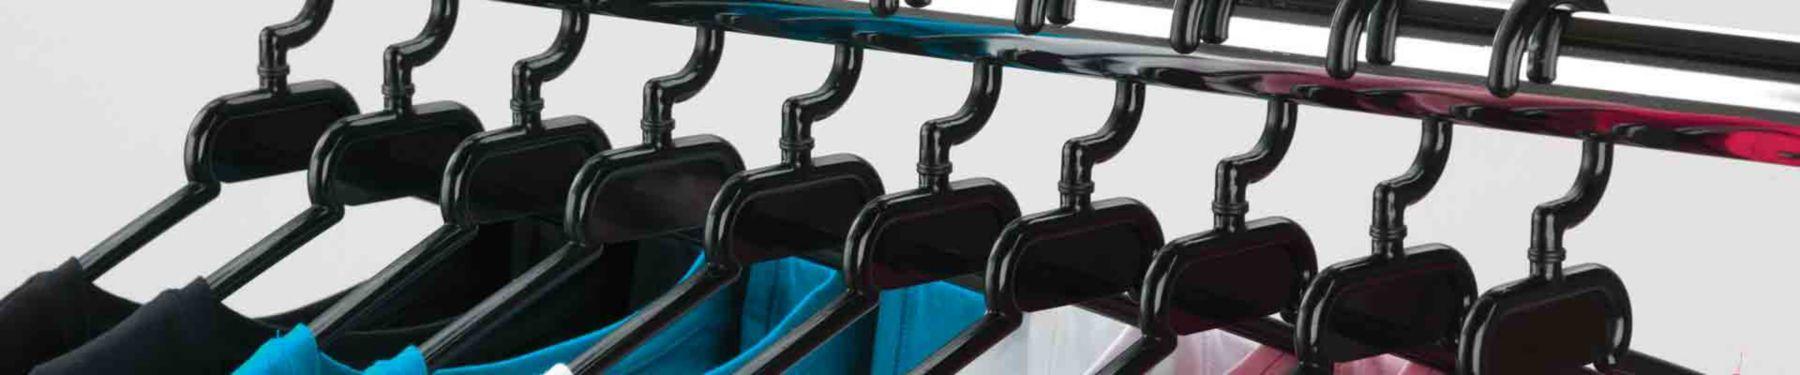 Morplan - Plastic Hangers